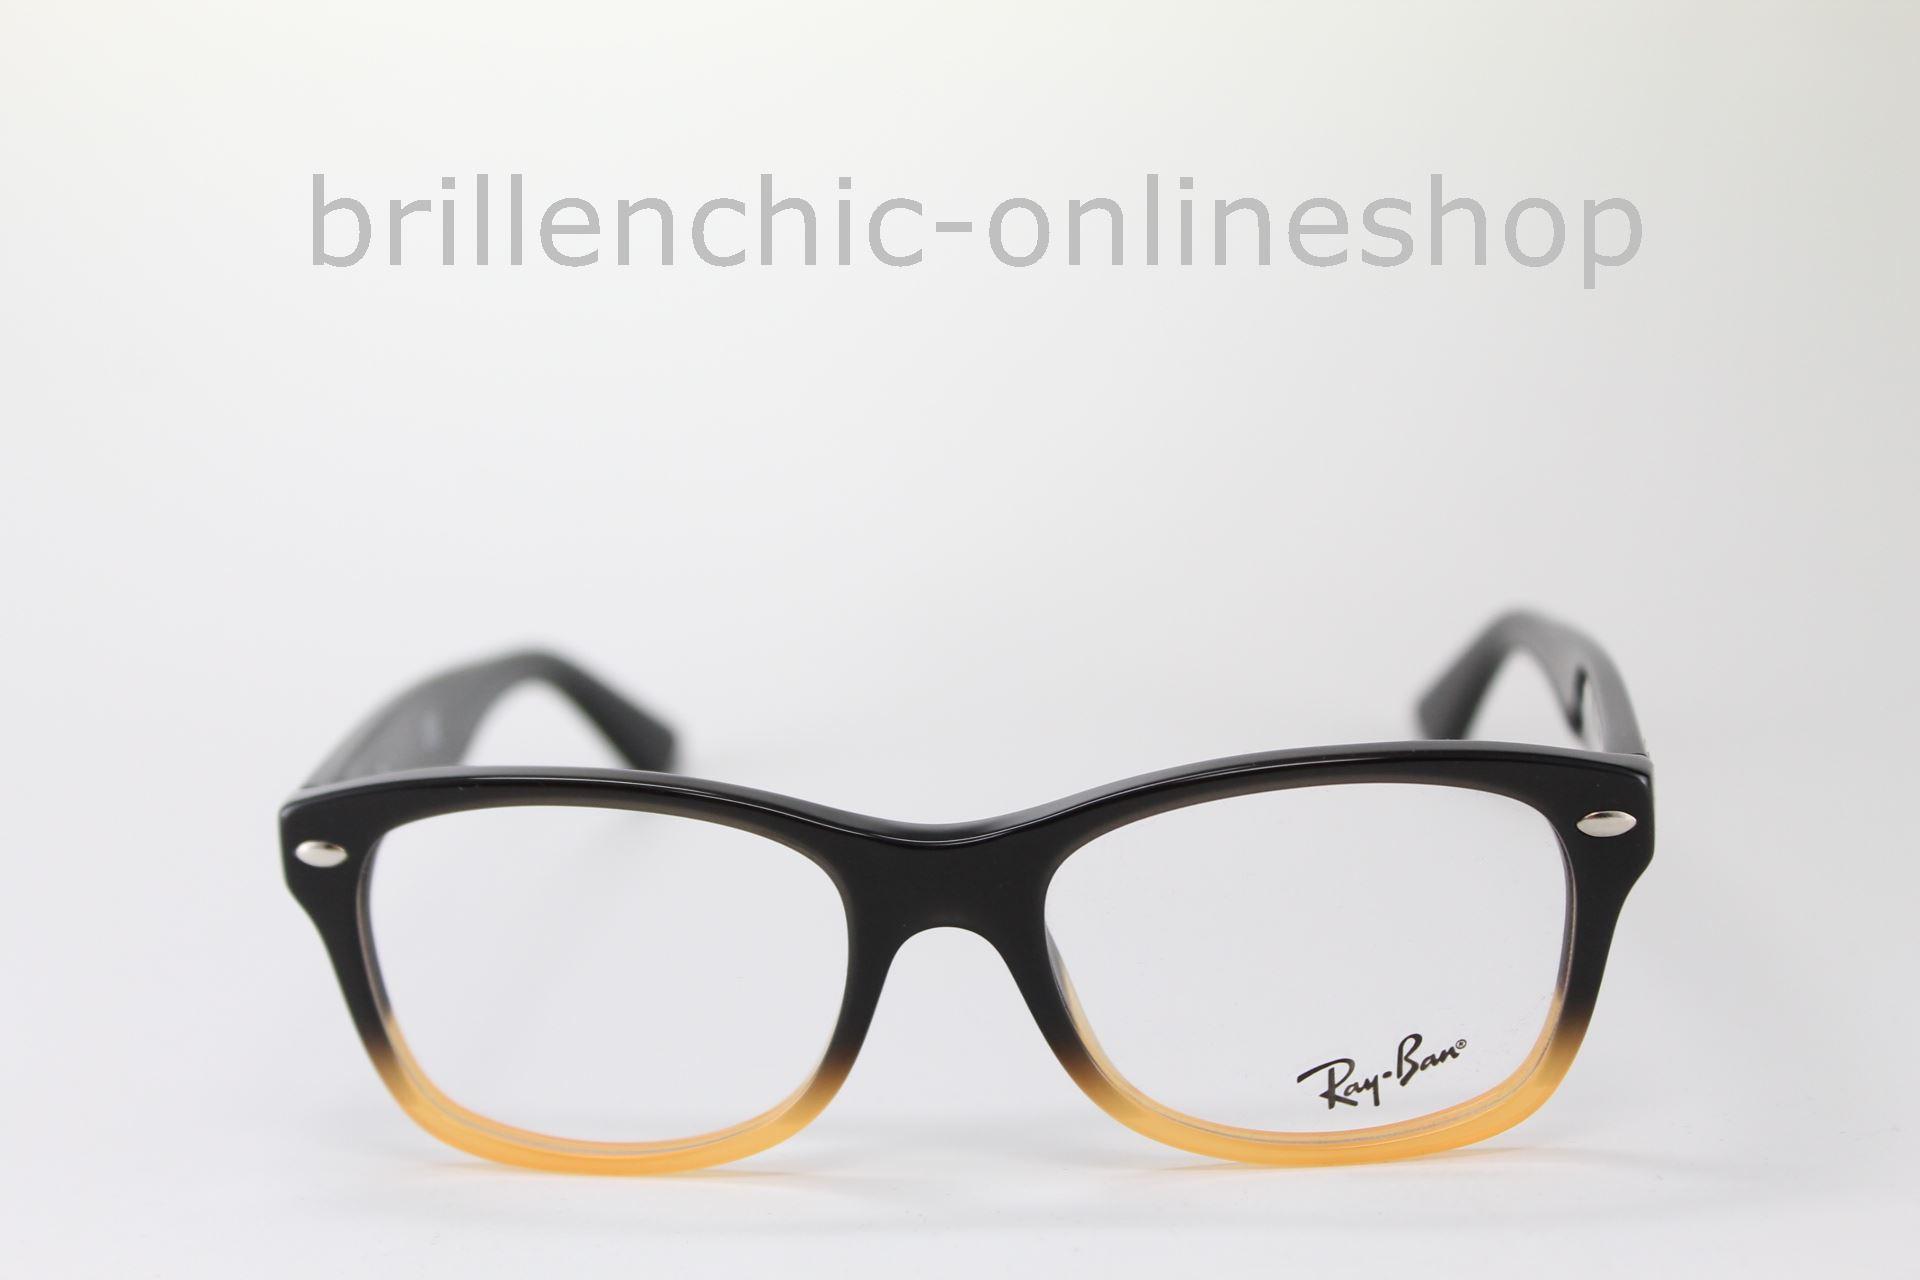 b6a532b60a90d6 Brillenchic - onlineshop Berlin Ihr starker Partner für exklusive ...